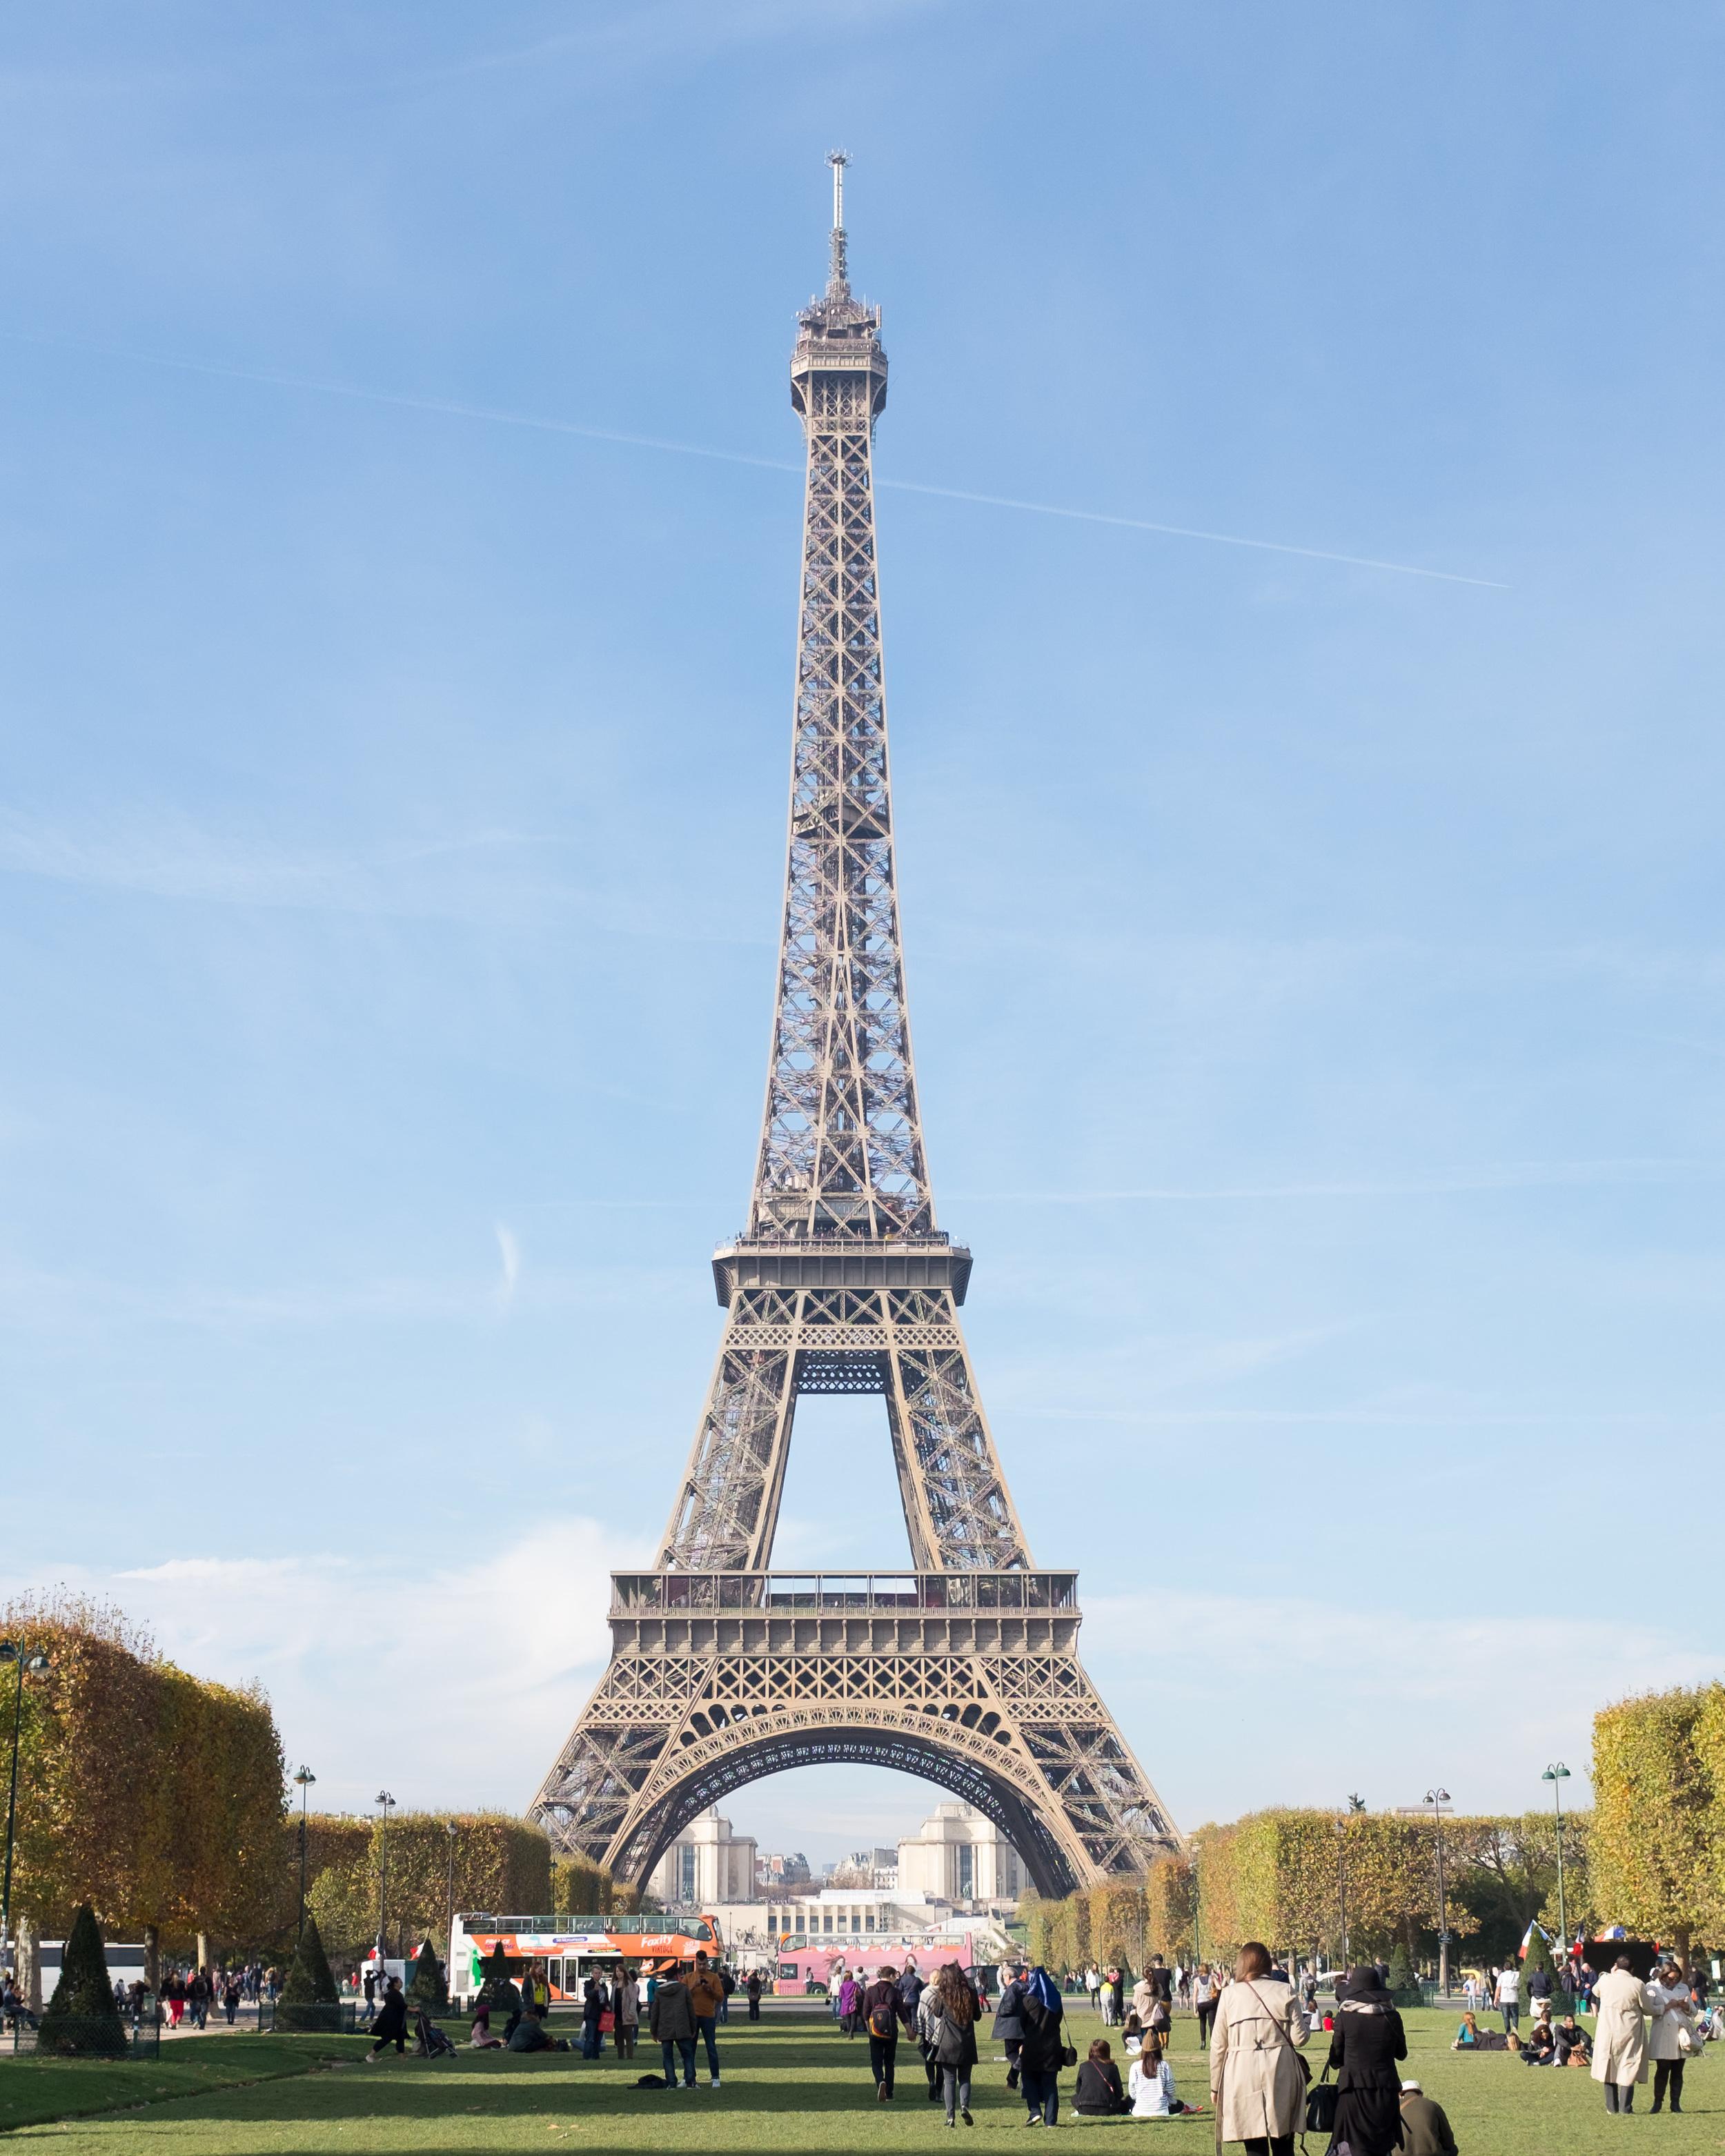 london-britian-cambridge-stmalo-mont-saint-michel-france-normandy-paris-111.jpg